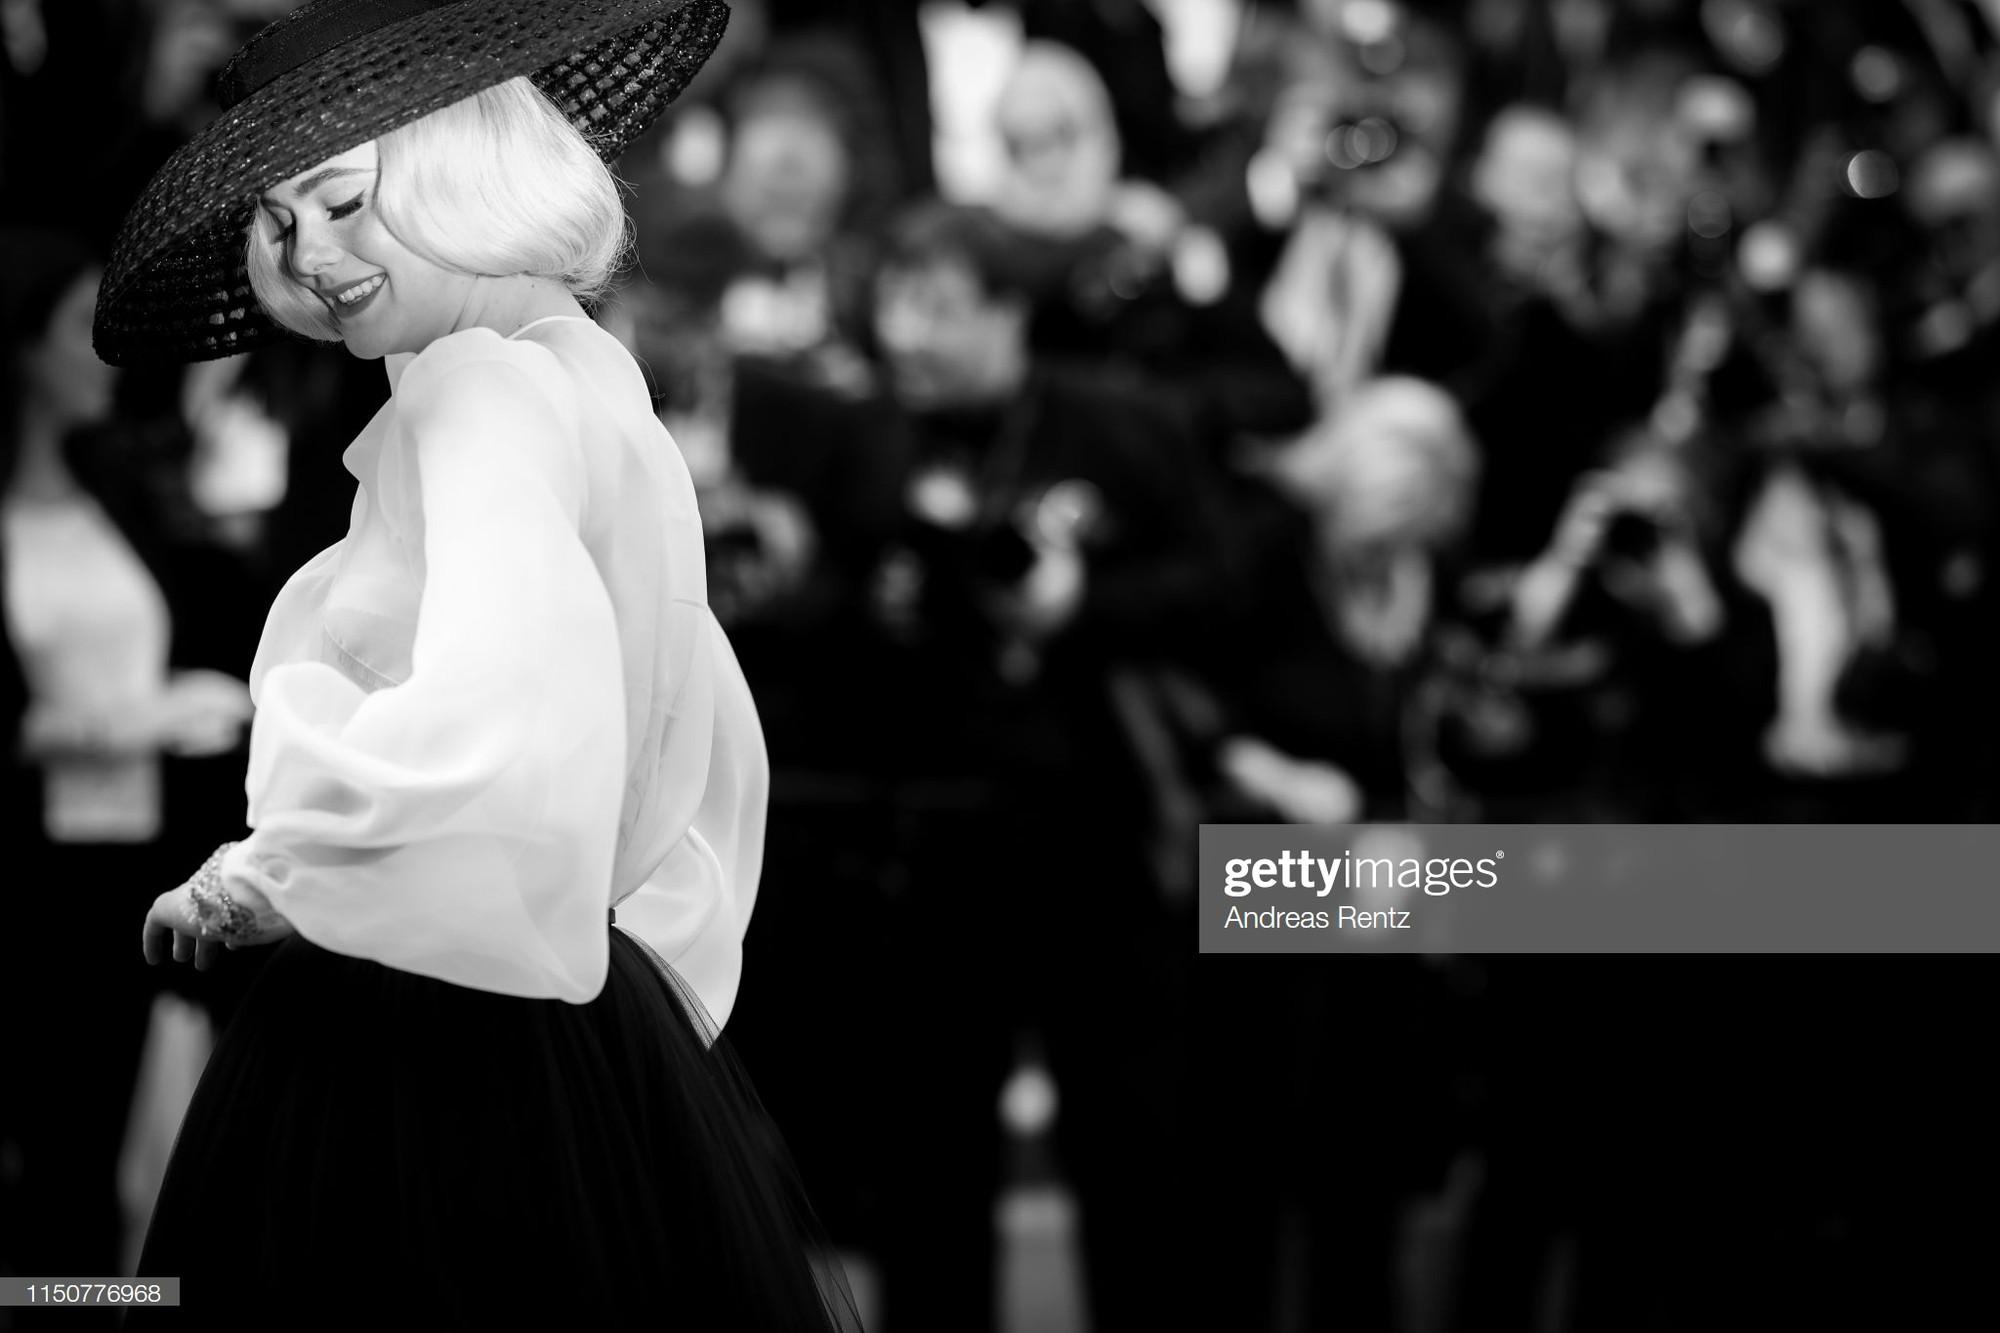 Top khoảnh khắc đắt giá nhất Cannes 2019: Dàn mỹ nhân 9X bất ngờ chiếm đa số, Selena và cặp đôi Brooklyn ấn tượng mạnh - Ảnh 14.